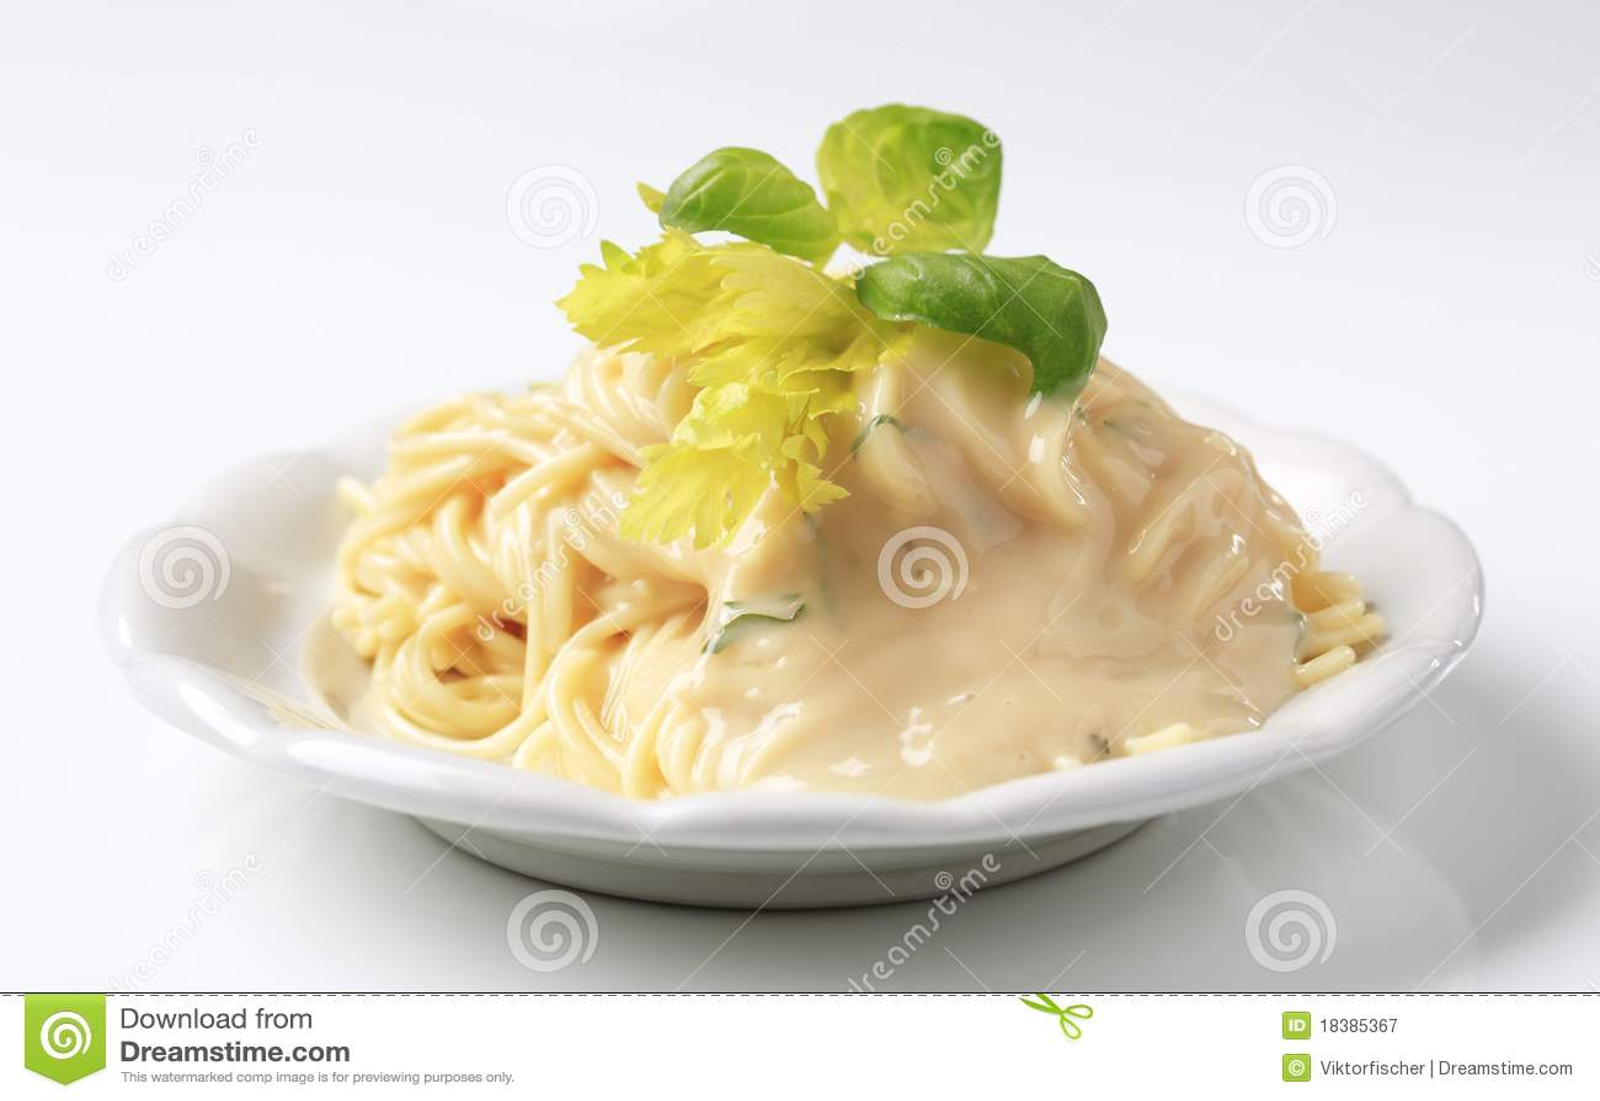 сметанообразное спагетти соуса